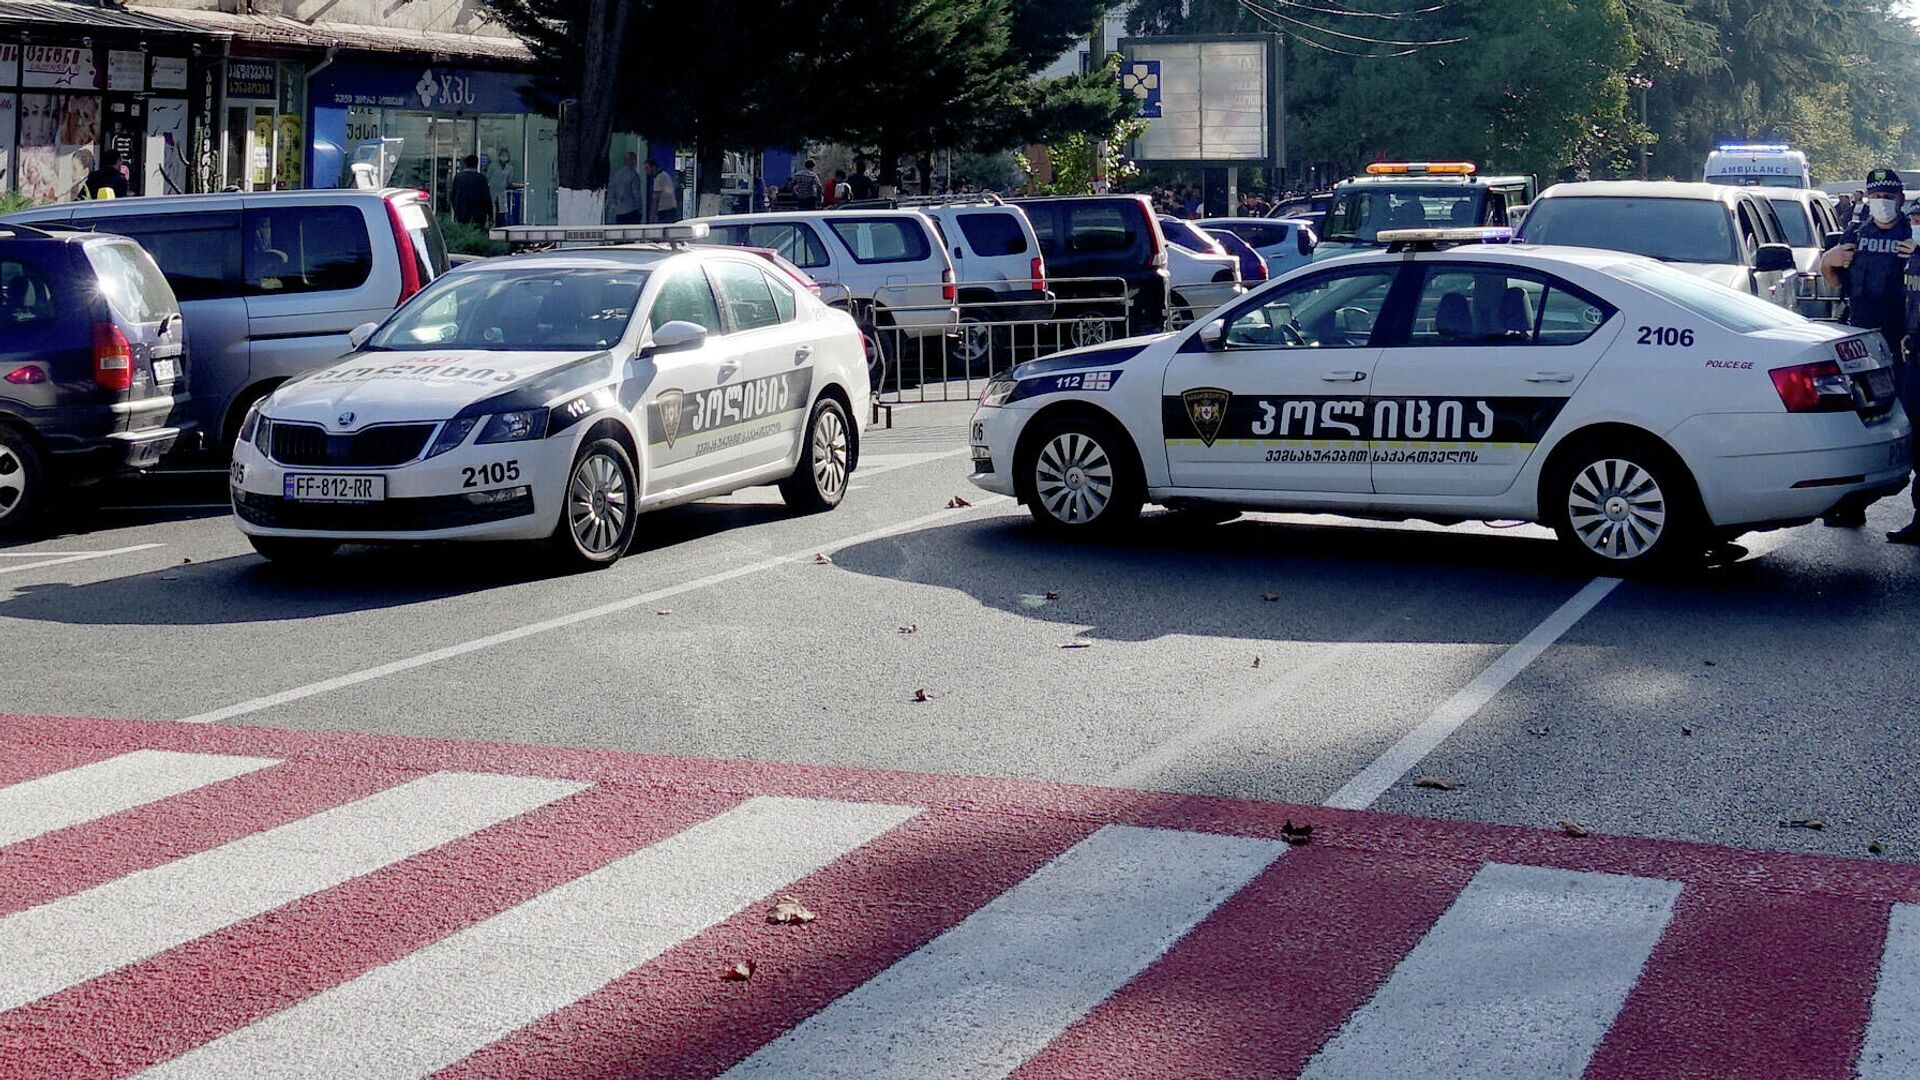 Автомобили полиции Грузии - РИА Новости, 1920, 16.01.2021